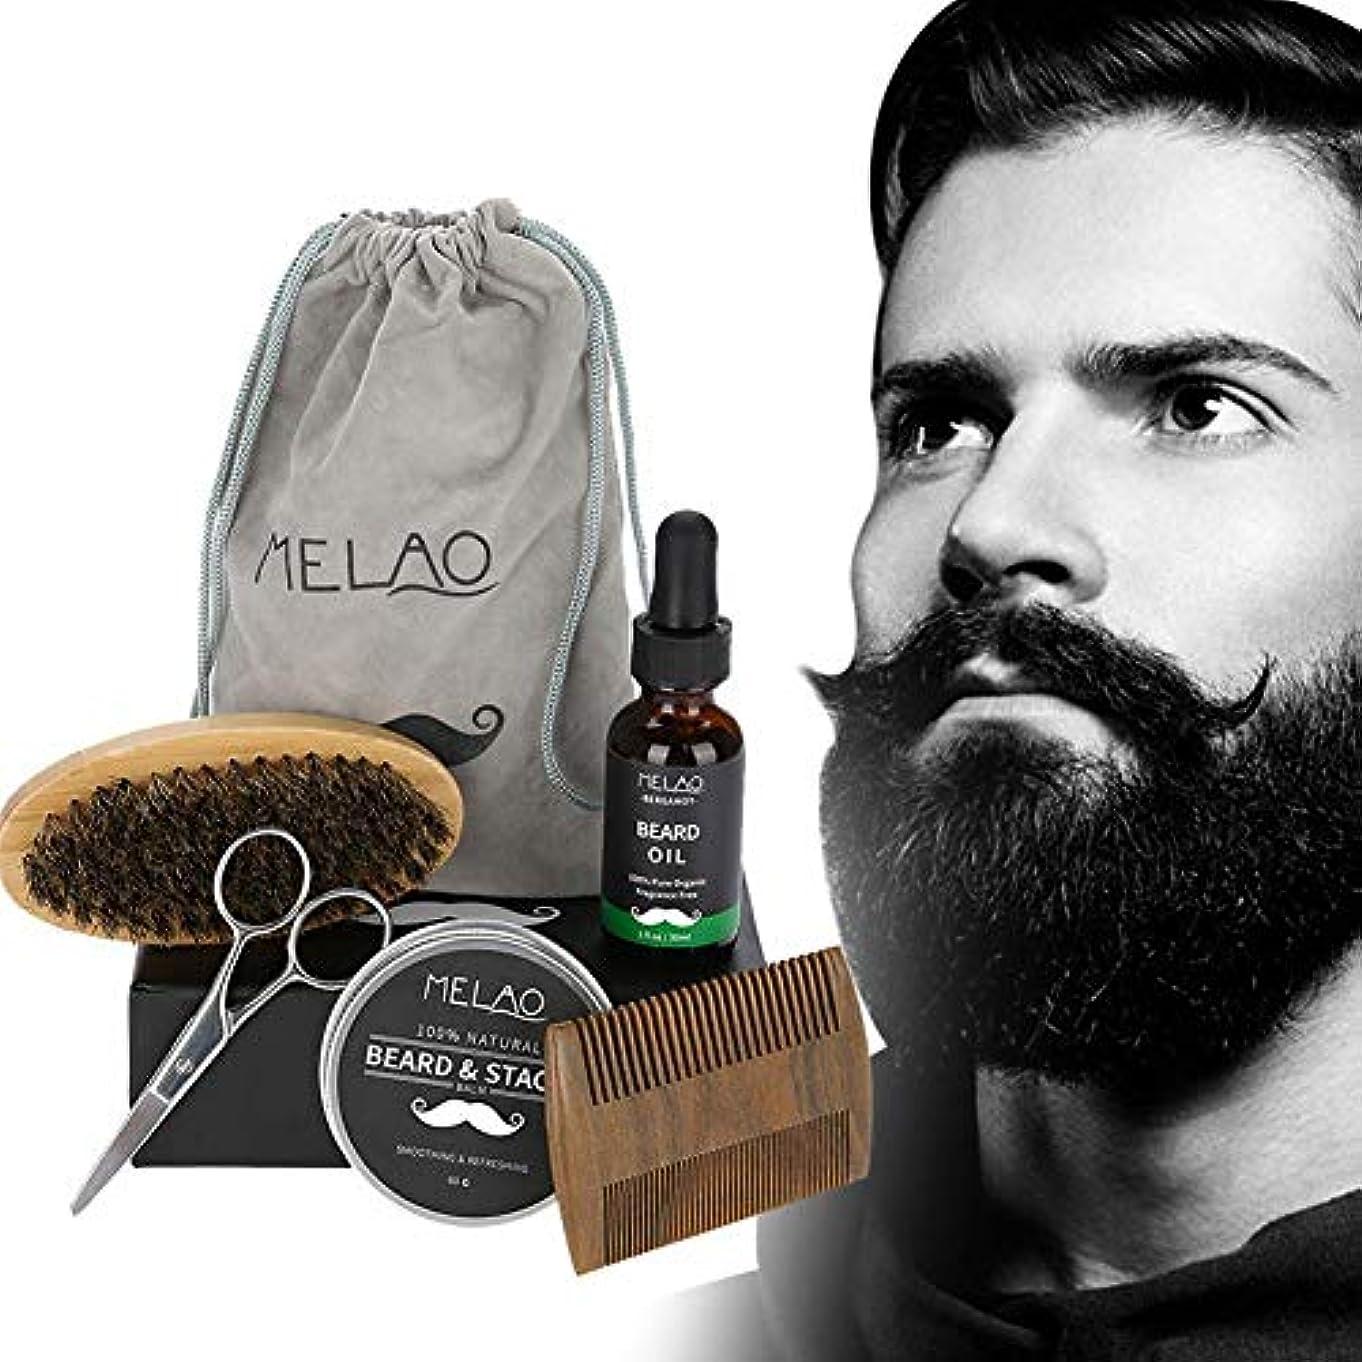 十分です抜け目がない負ビアードケアセット、髭ケア必需品 メンズひげクリーム シェービングトリートメント 保湿/滋養/ 携帯便利 最高の贈り物